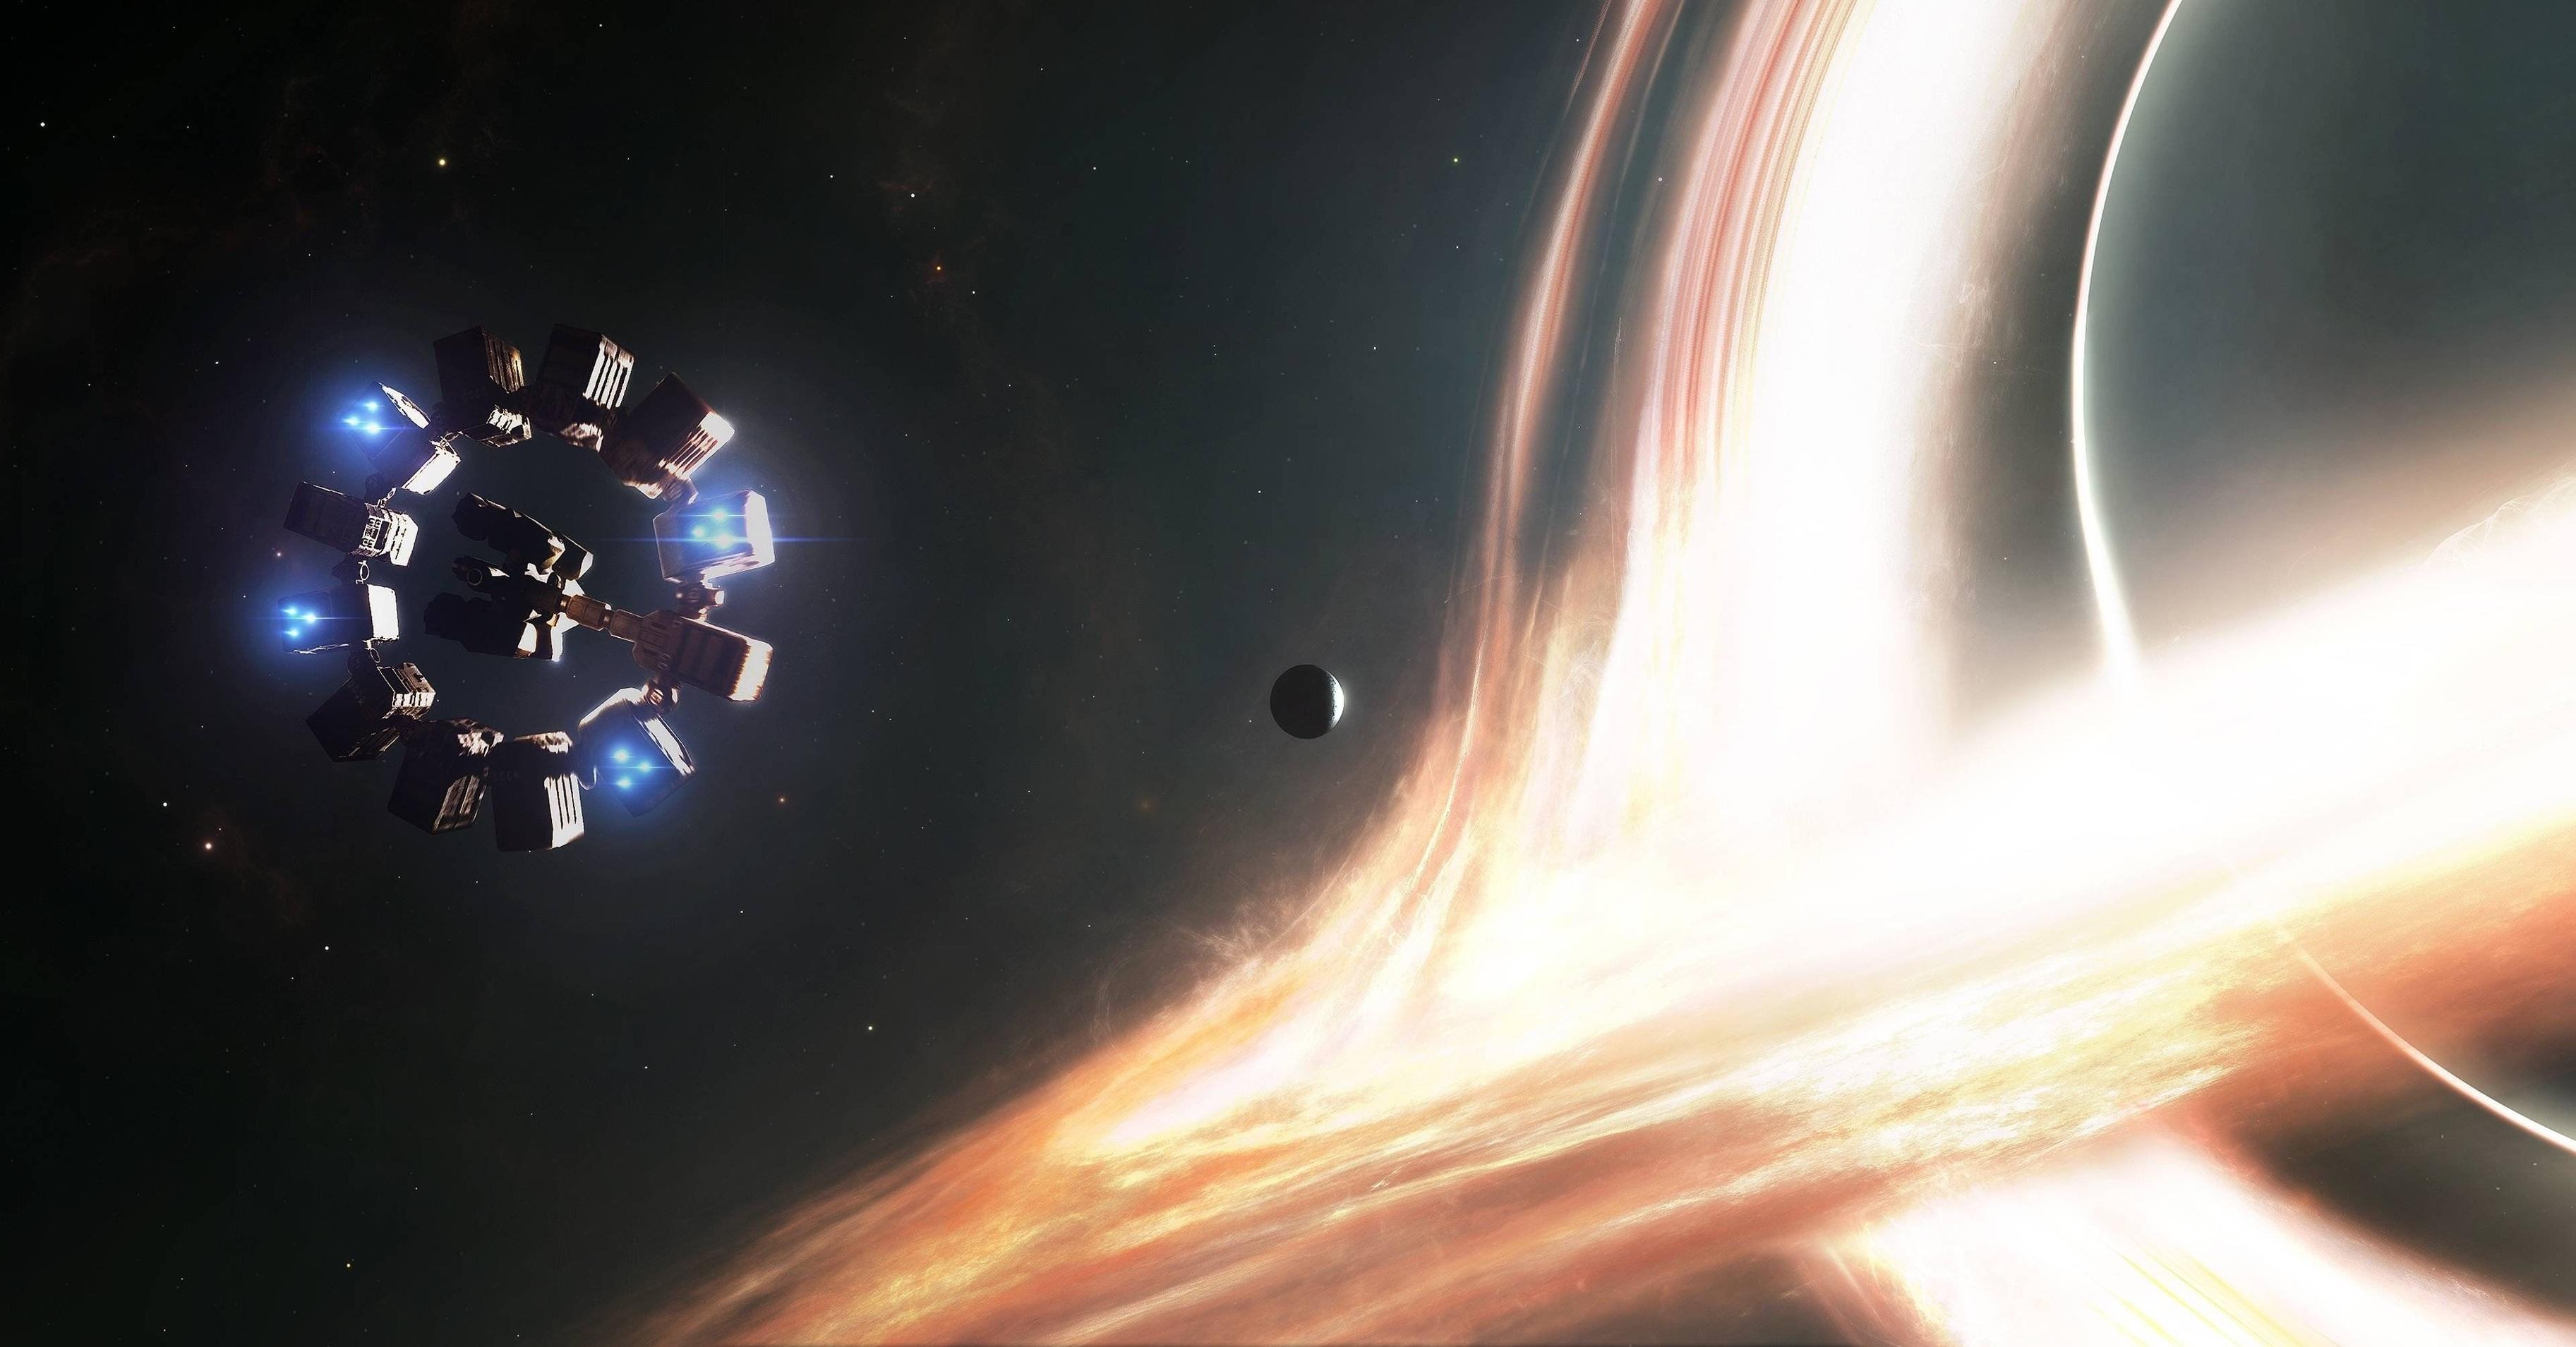 Учёные обнаружили теоретический способ попасть в отдалённые уголки Вселенной